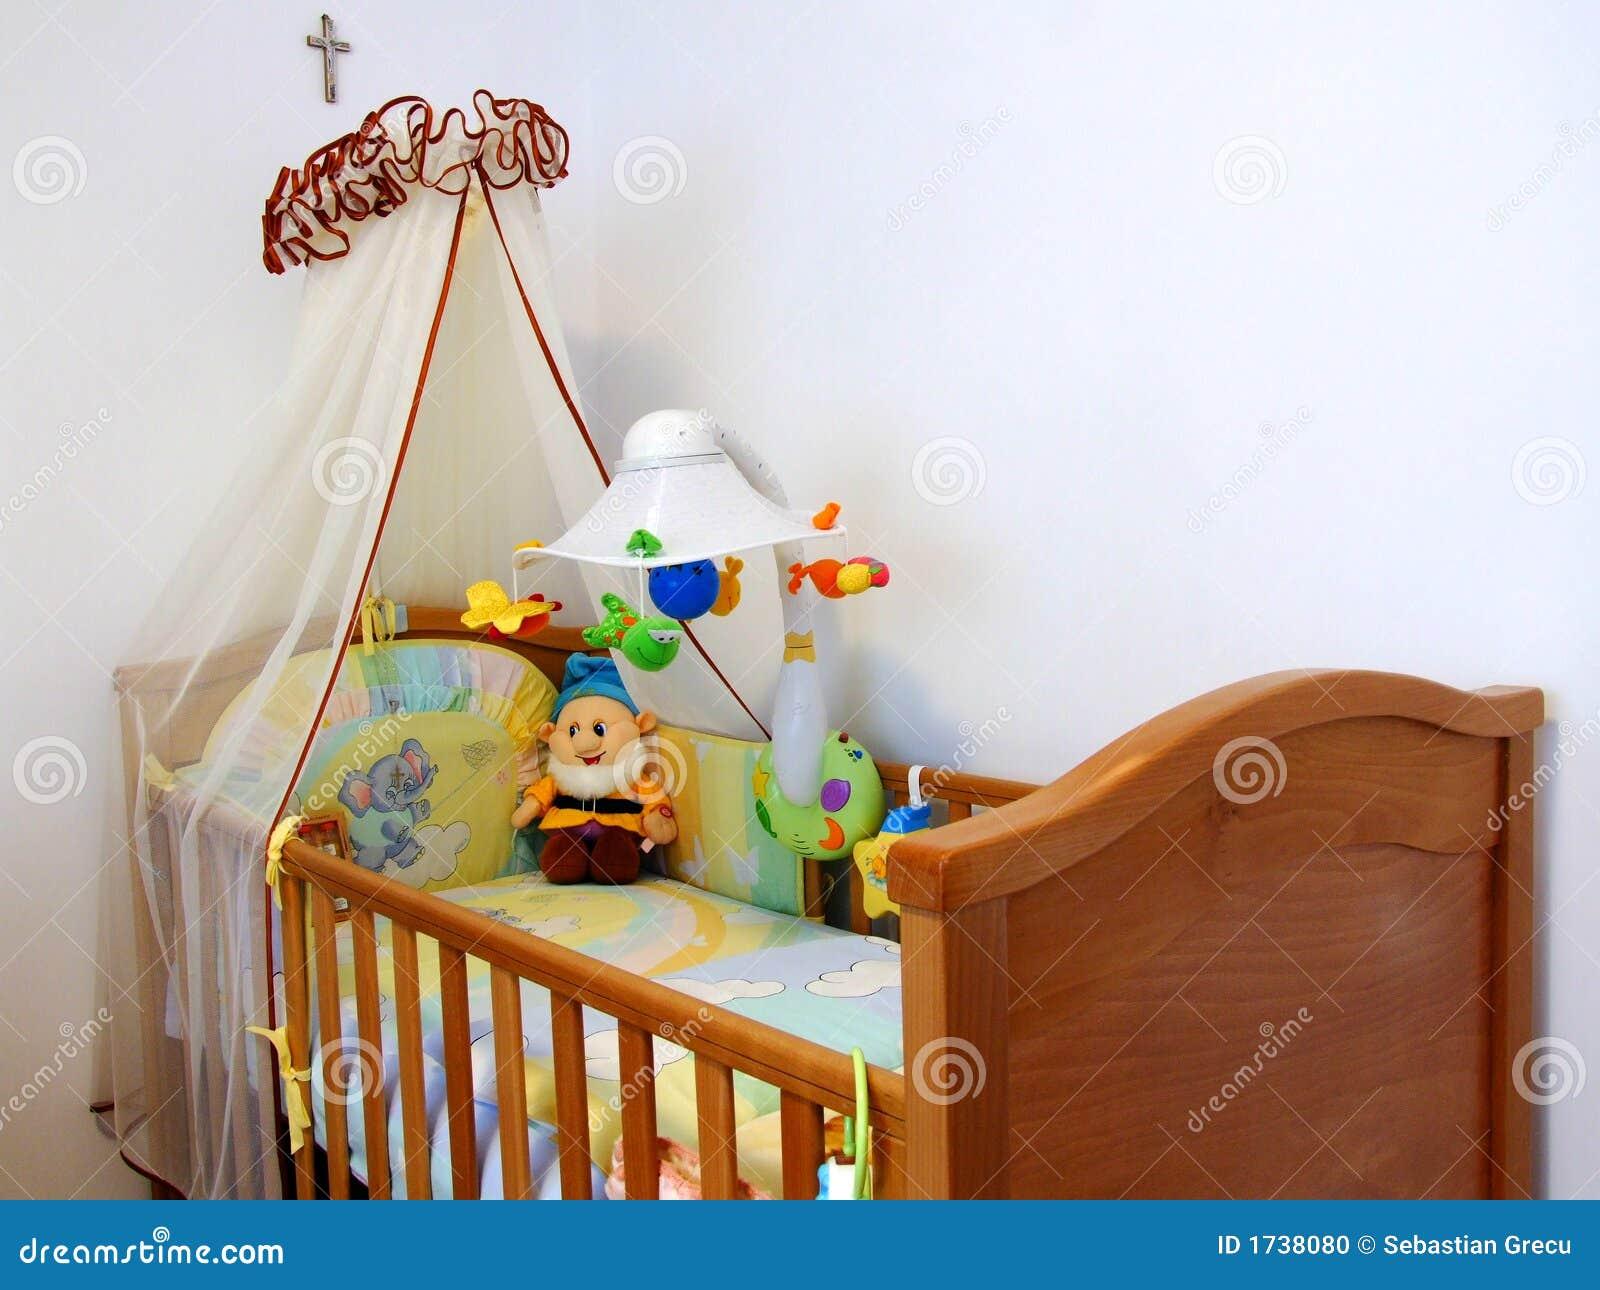 Slaapkamer baby beste inspiratie voor interieur design en meubels idee n for Foto slaapkamer baby meisje